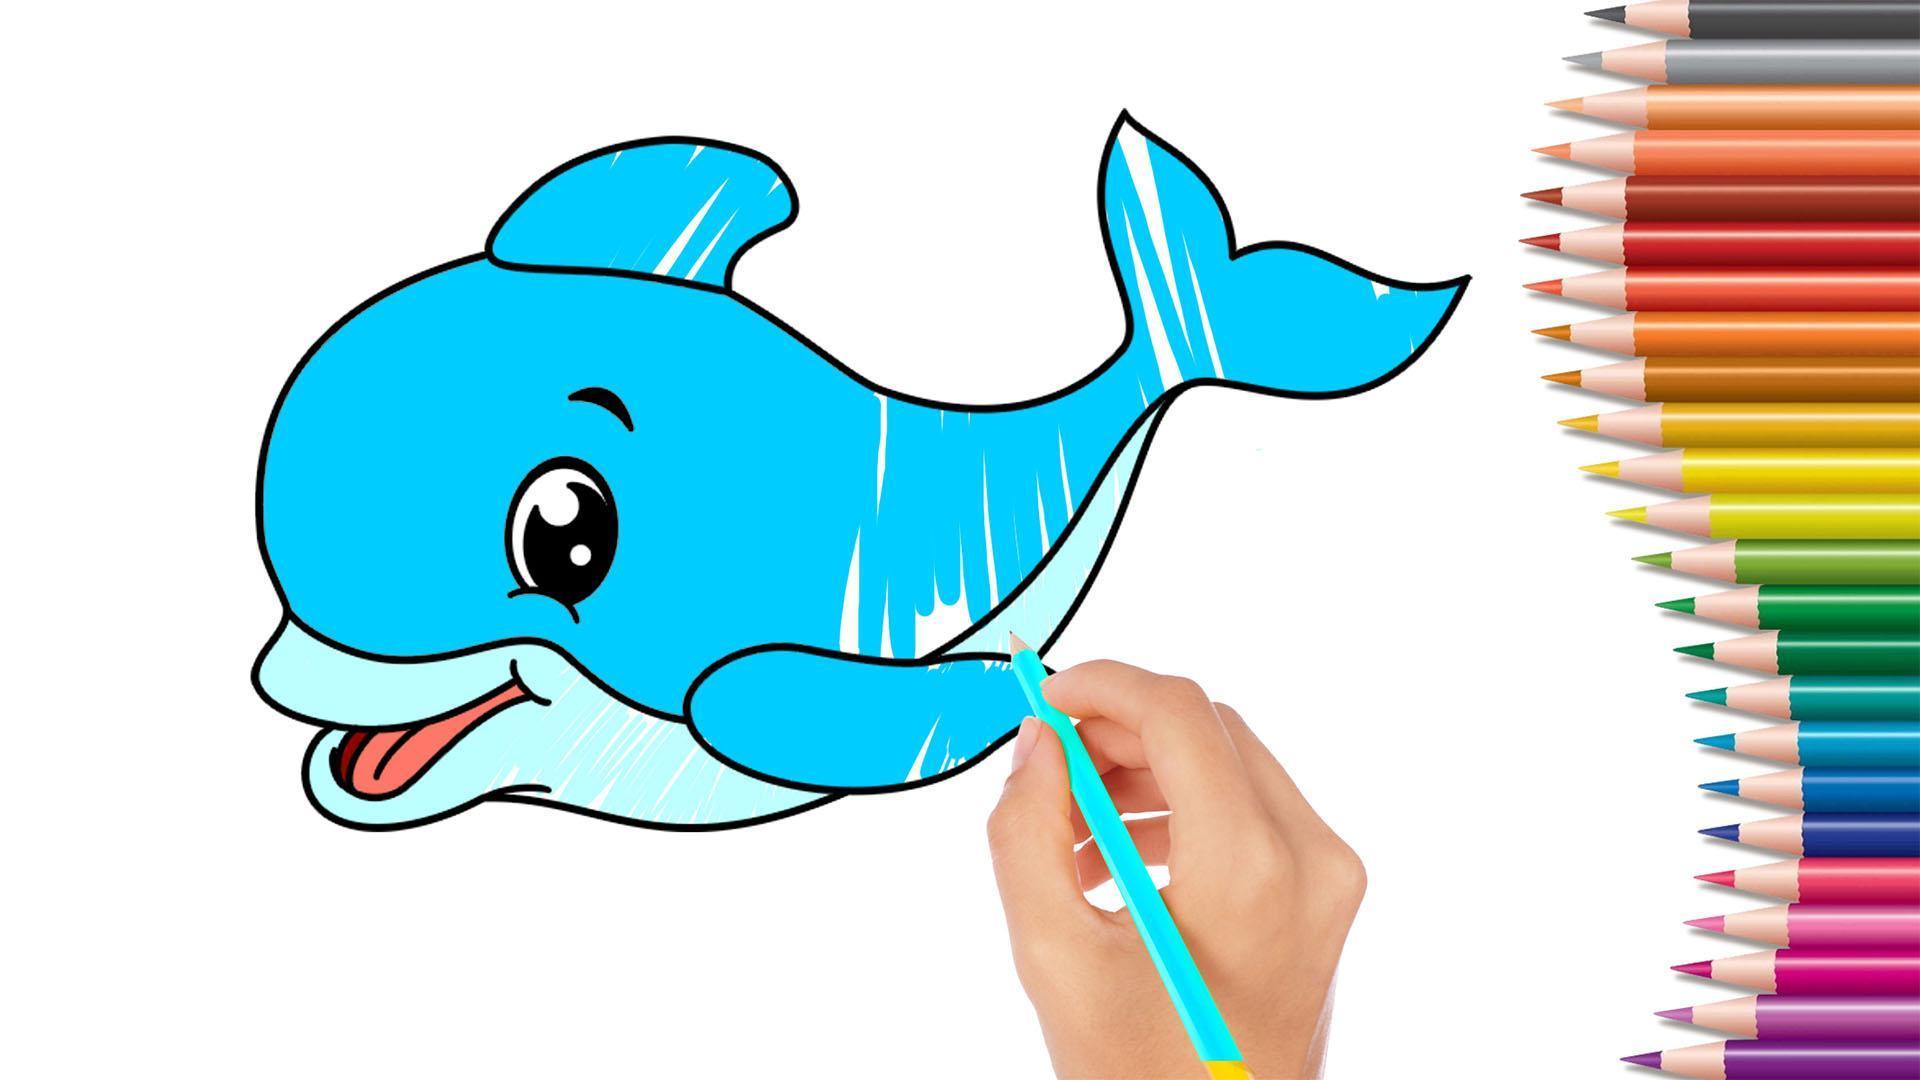 Buku Menggambar Dan Permainan Mewarnai Hewan For Android